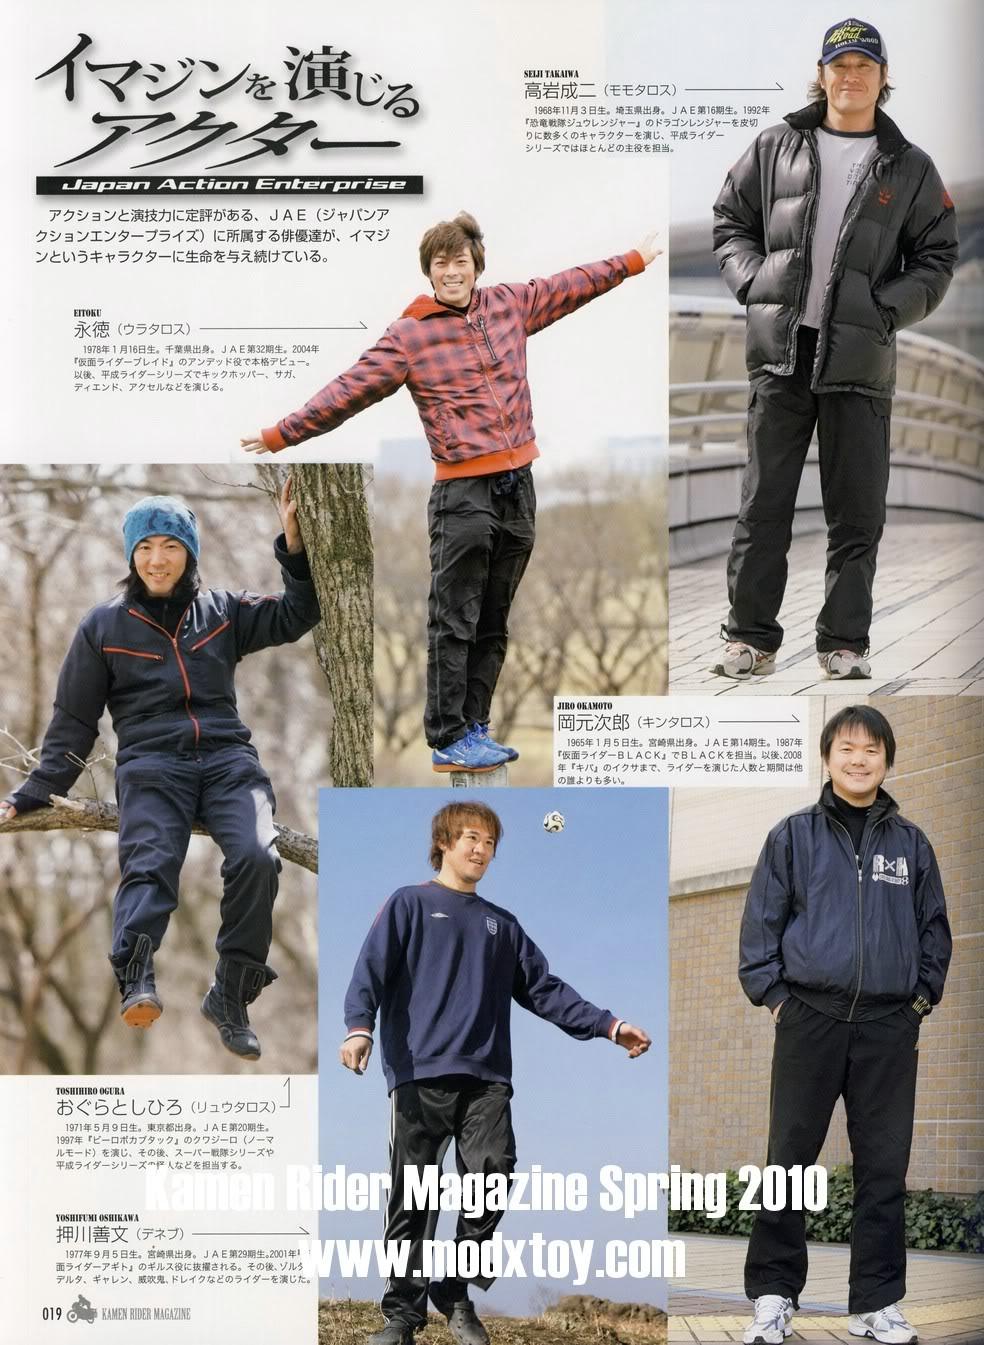 Scans: Kamen Rider Magazine Spring 2010 No 39 Large Images